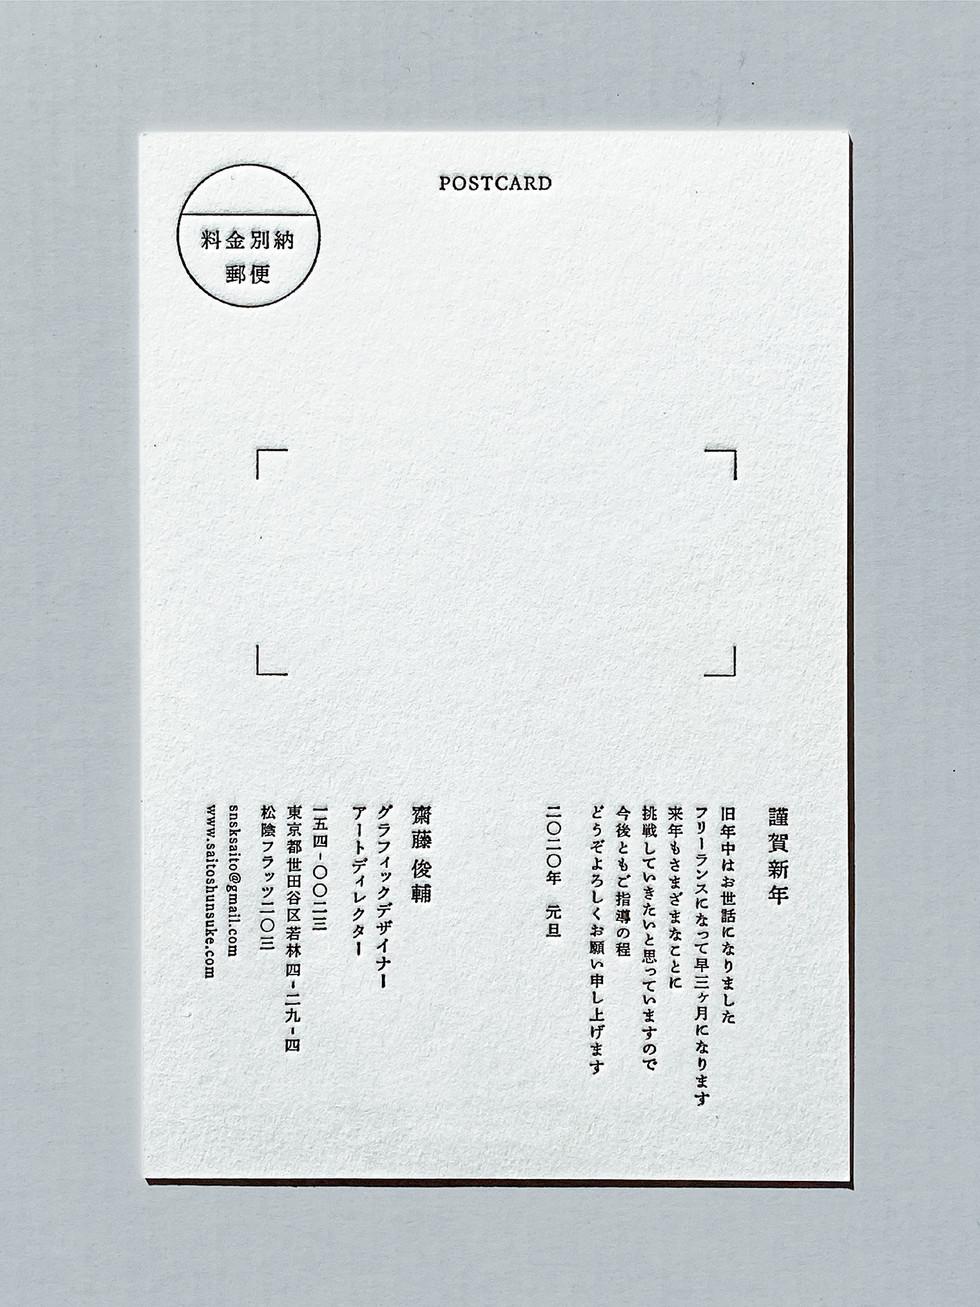 アートボード 1 のコピー@2x-100.jpg